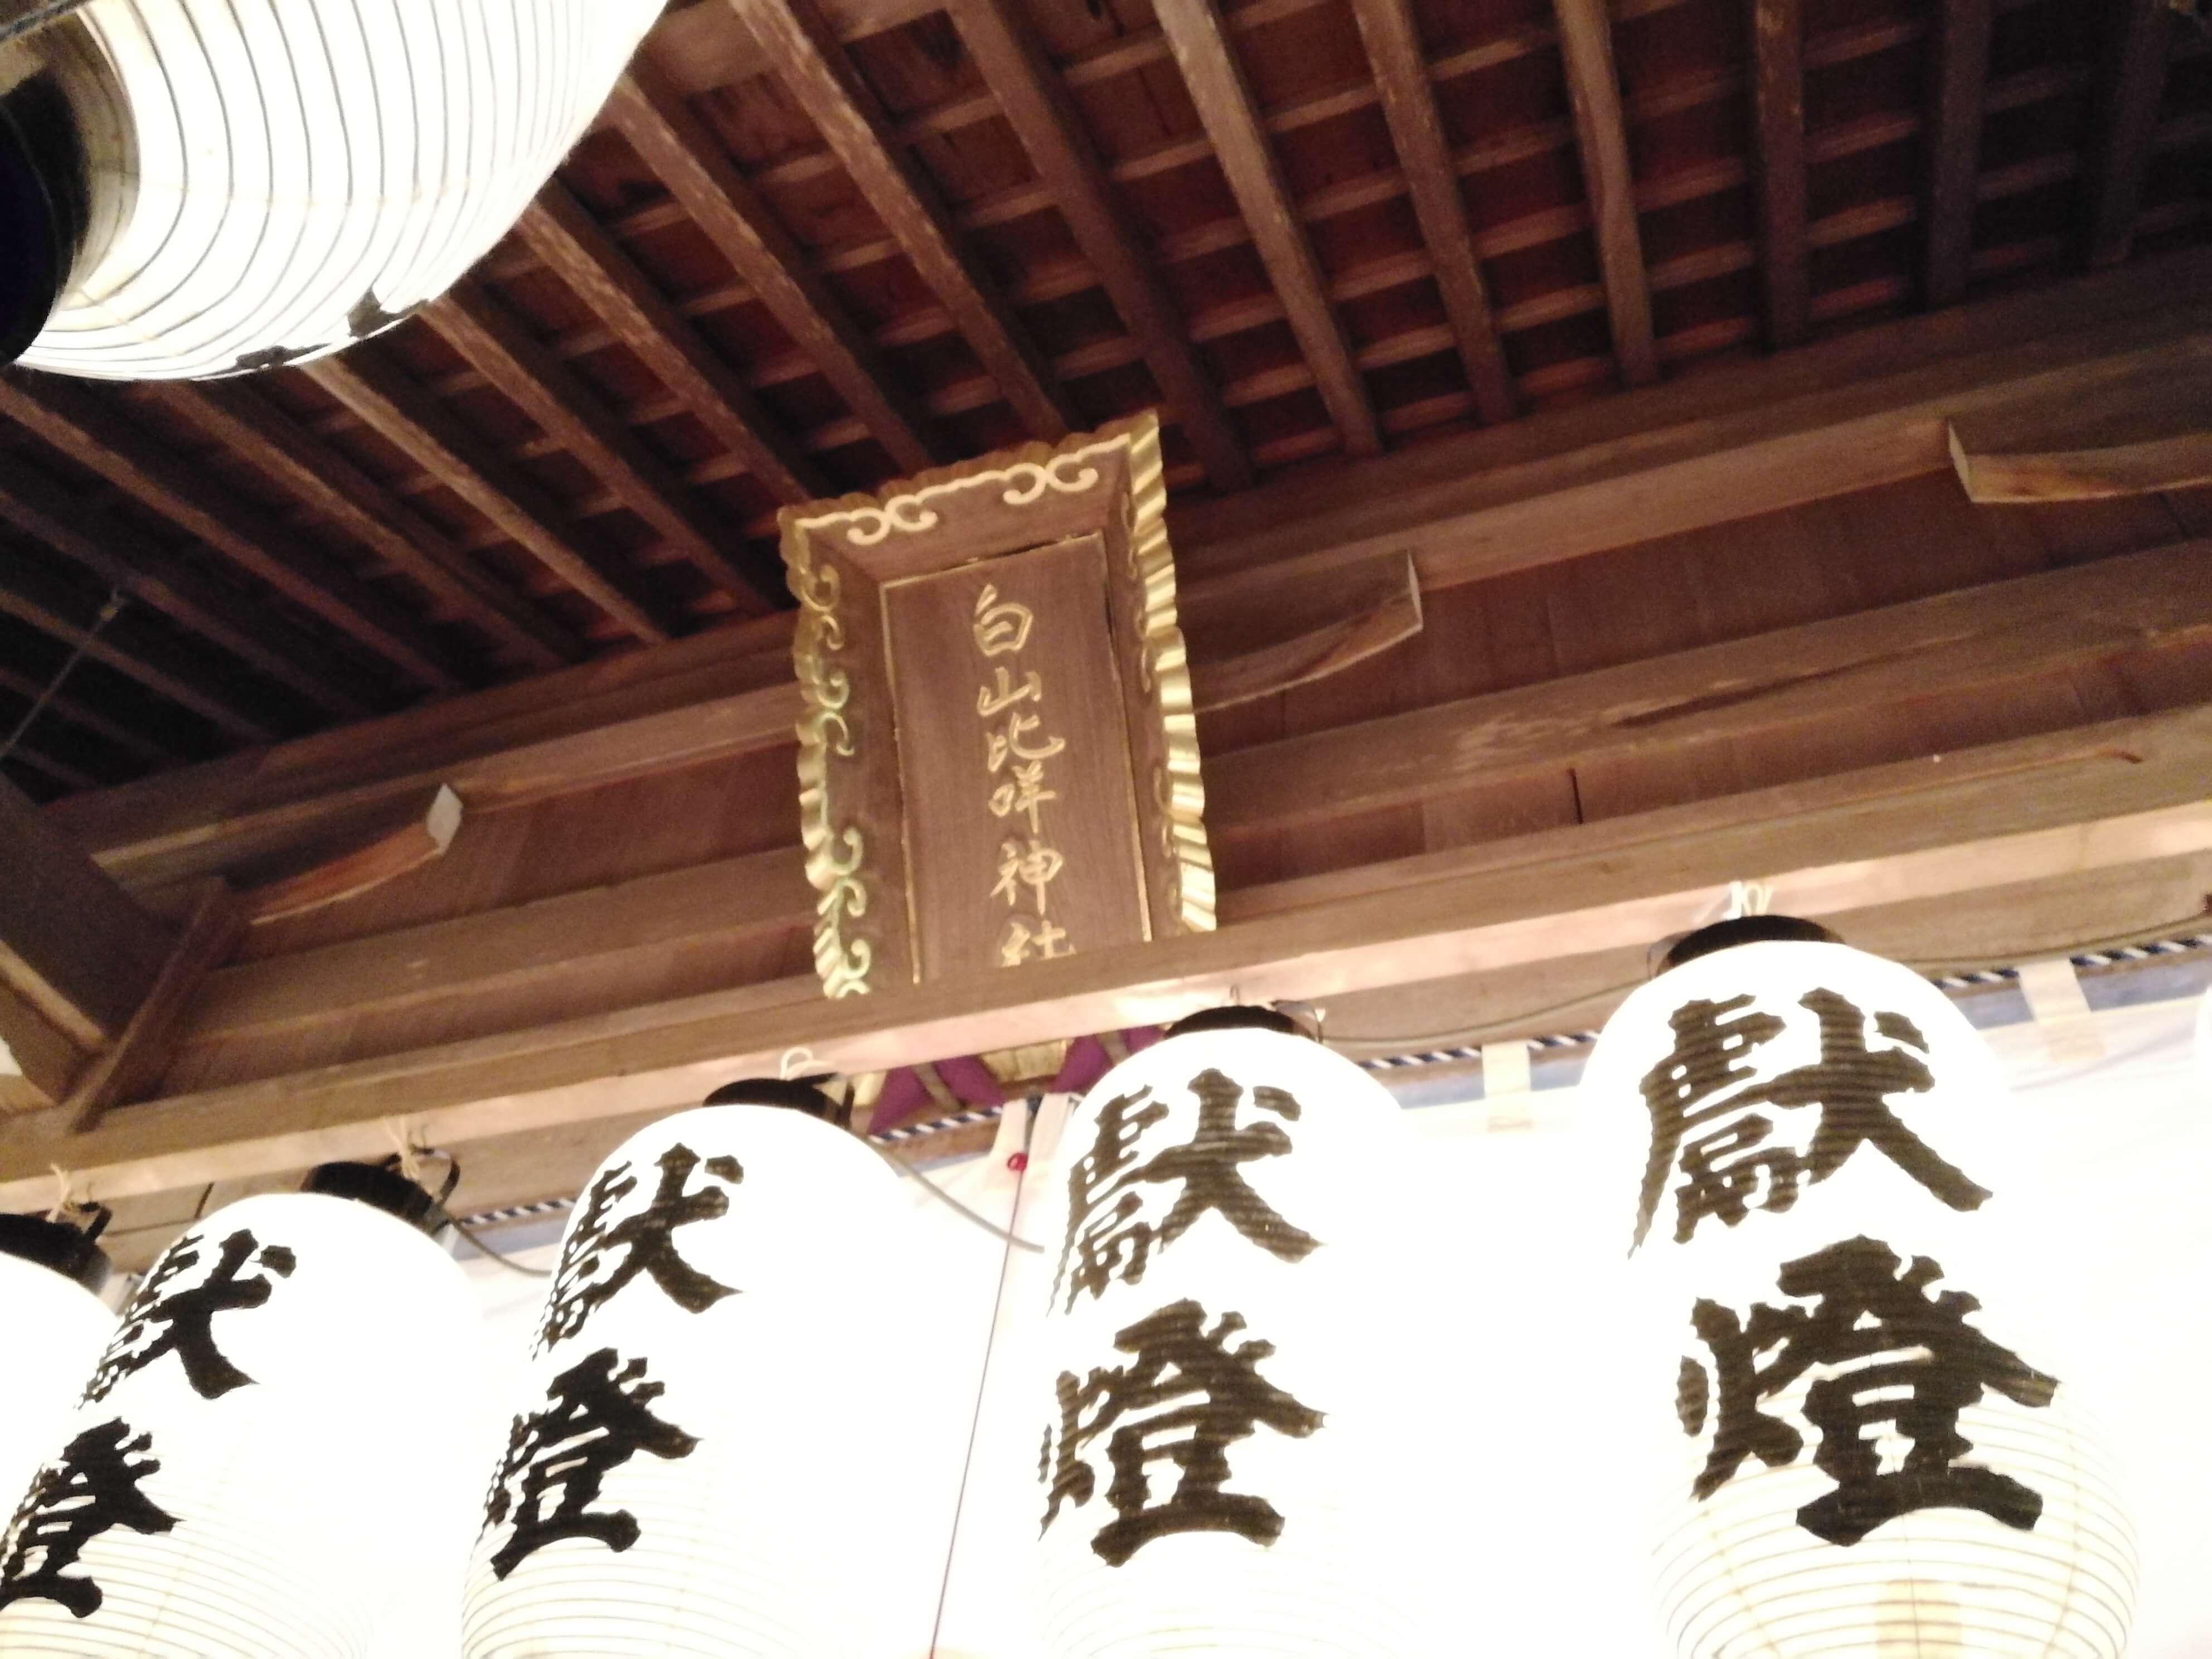 白山市にある夜の白山比咩神社が初詣にオススメな理由